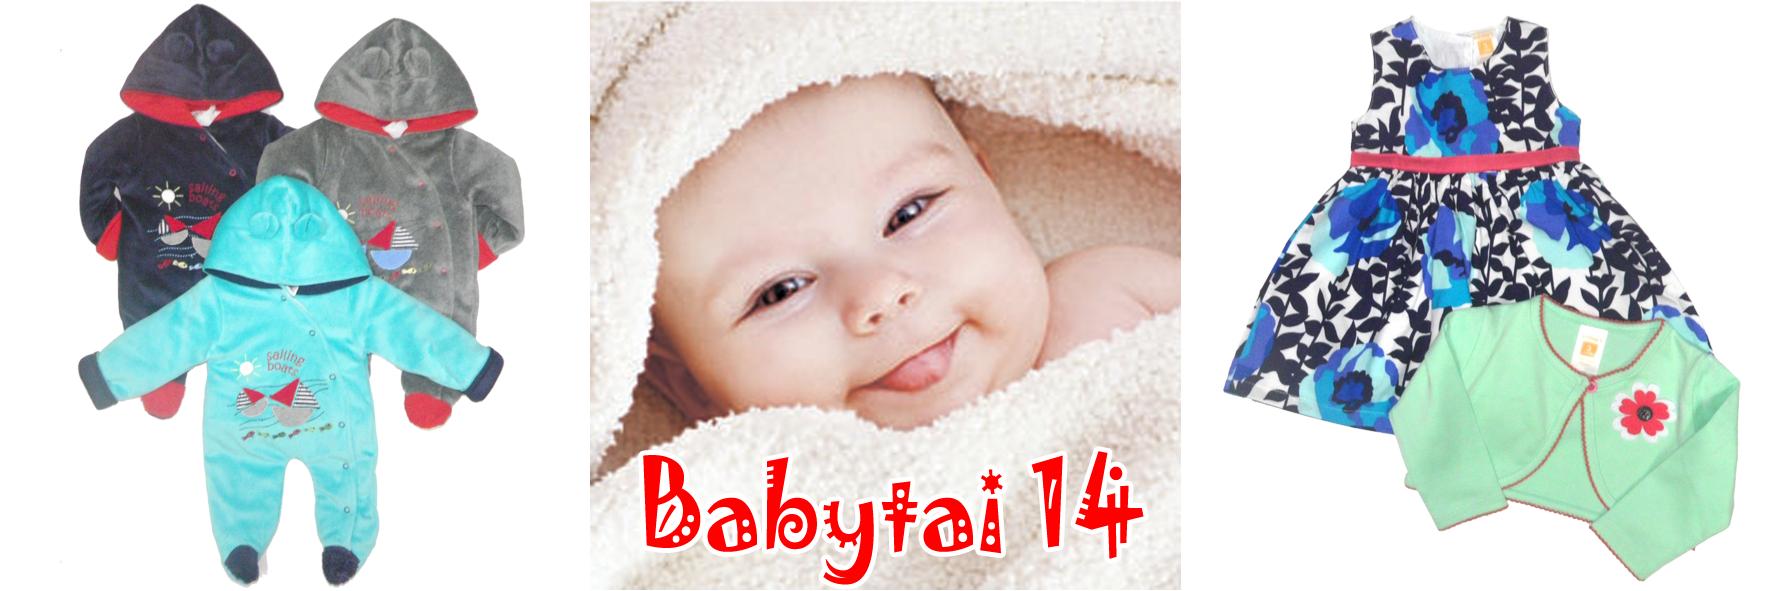 ���� �������. Babytai - ������� ����� ������� ������ �� 0 � ������. ���������� ������� ��� �������. ����������� ������. ����������: ��� �� 200, 300, 400 ������. ����� 14